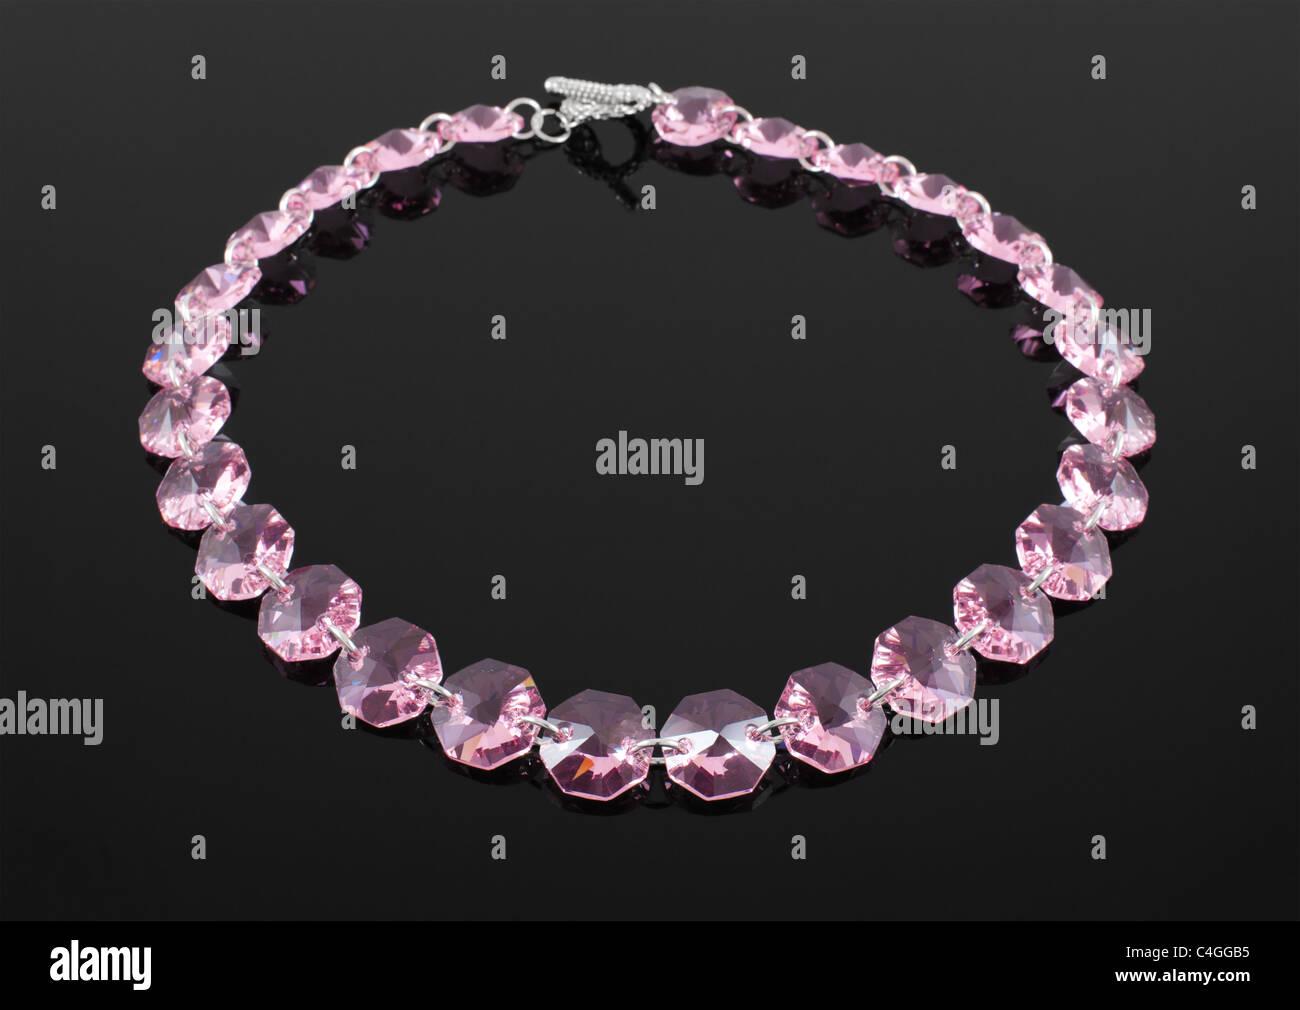 Fashion necklace on black background - Stock Image